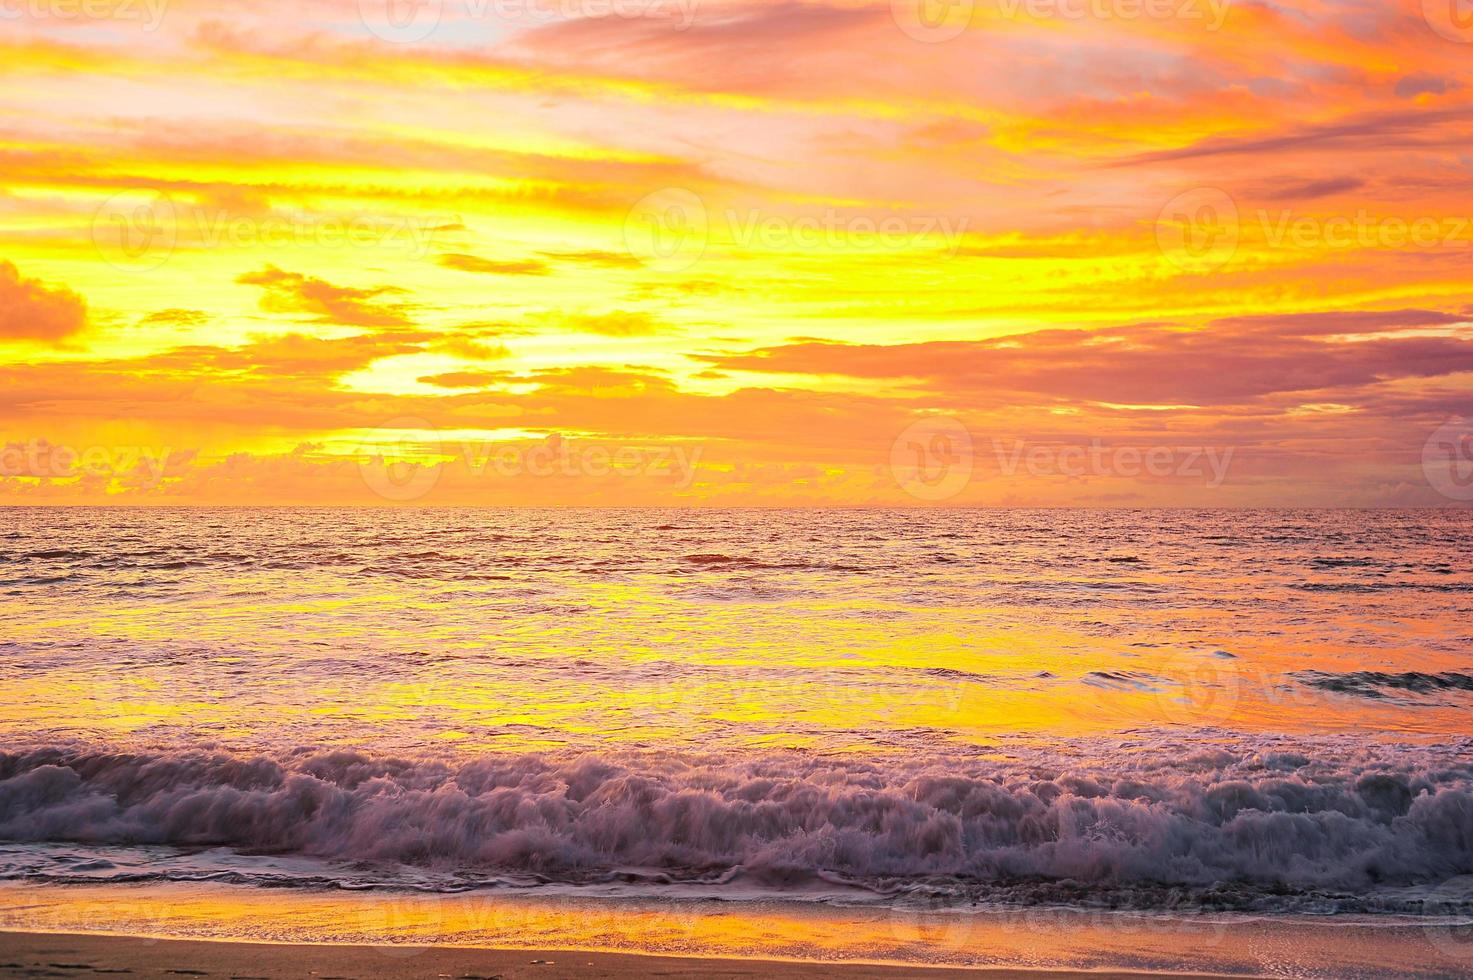 zonsondergang op Bali foto